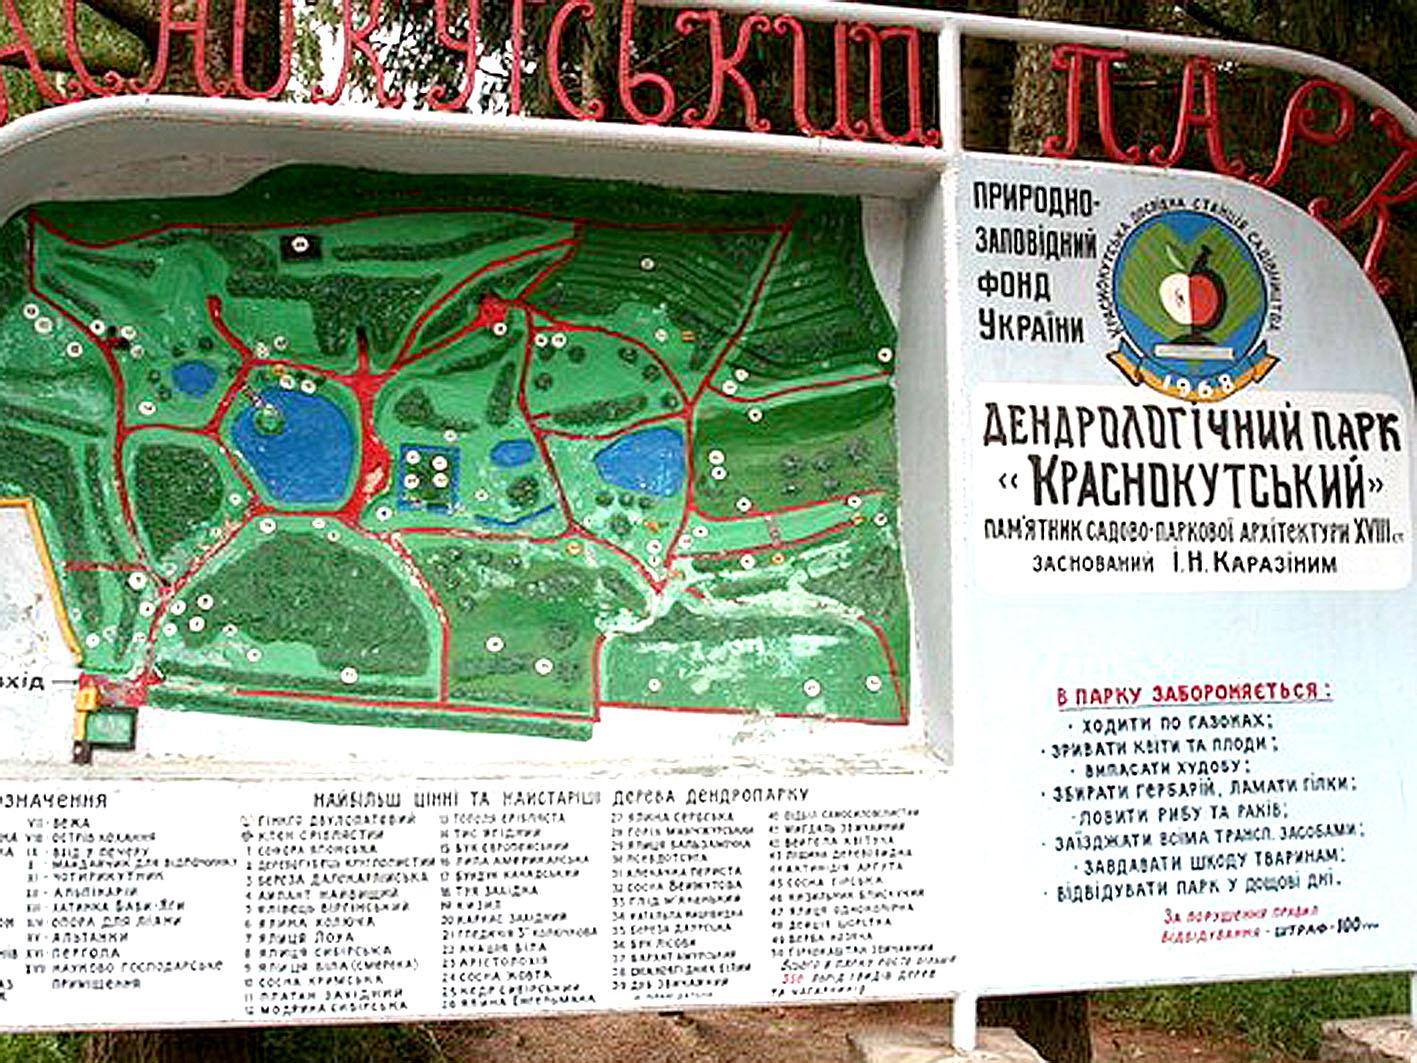 Краснокутському дендропарку 150 років